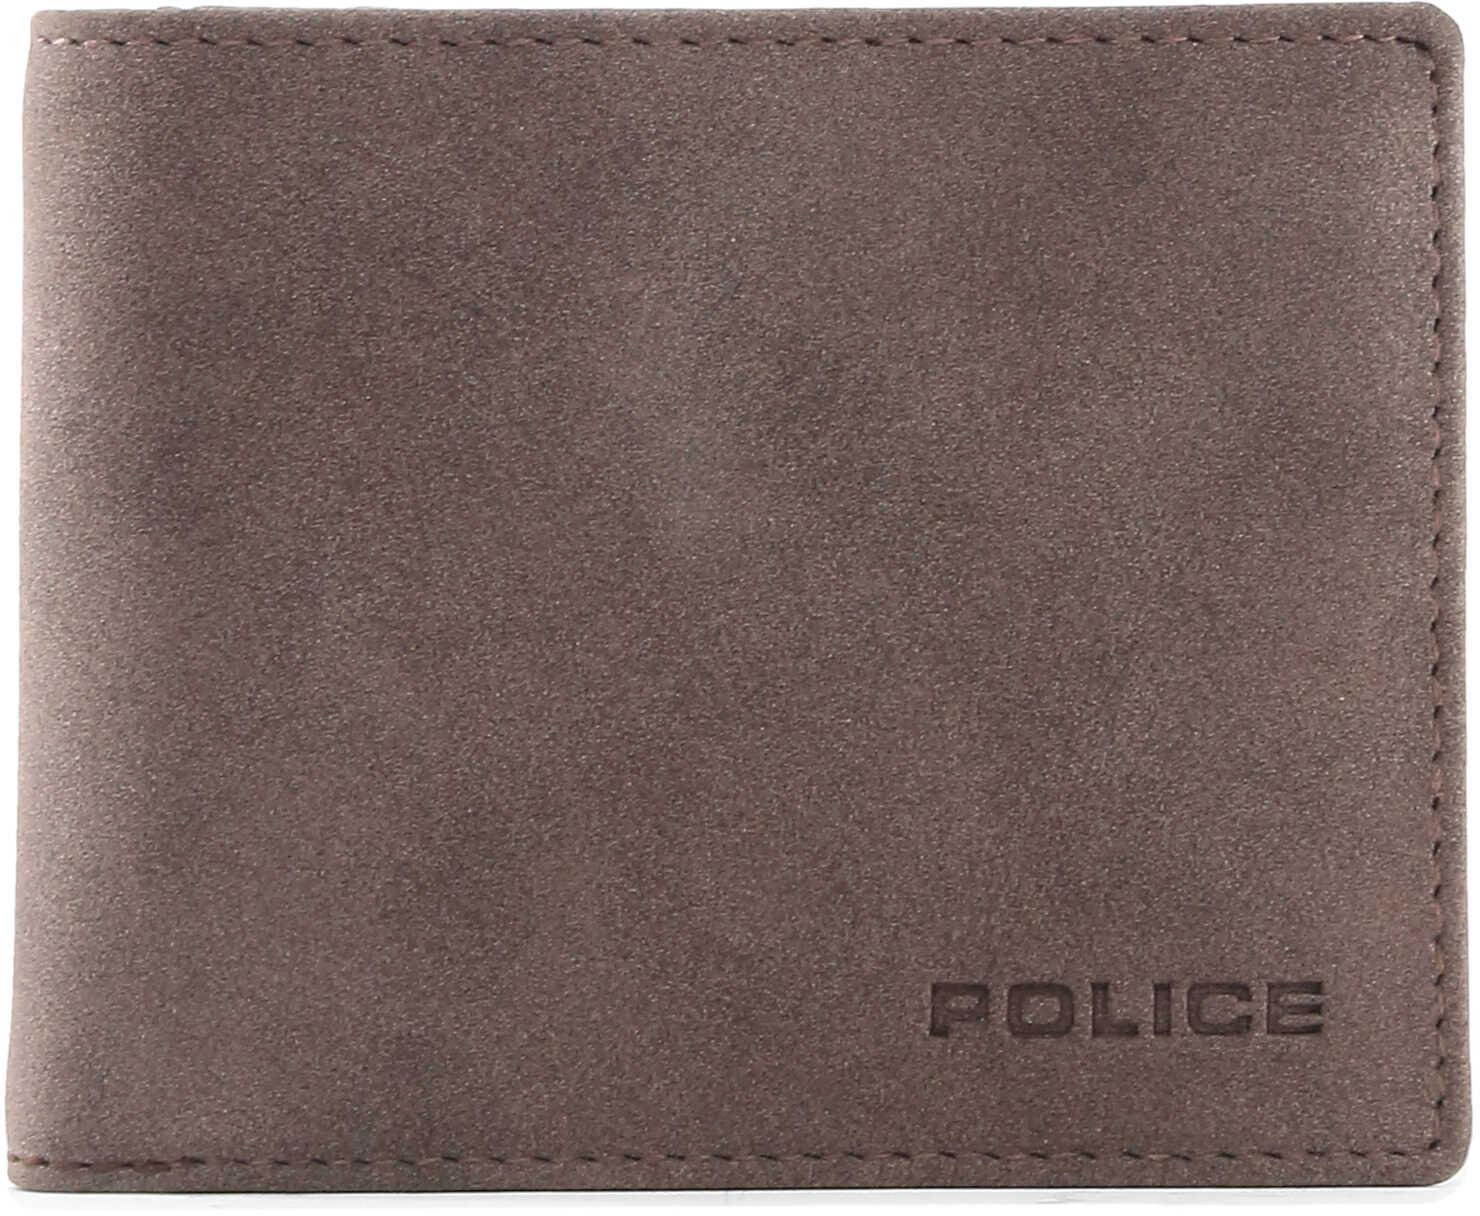 Police Pt188363 Brown